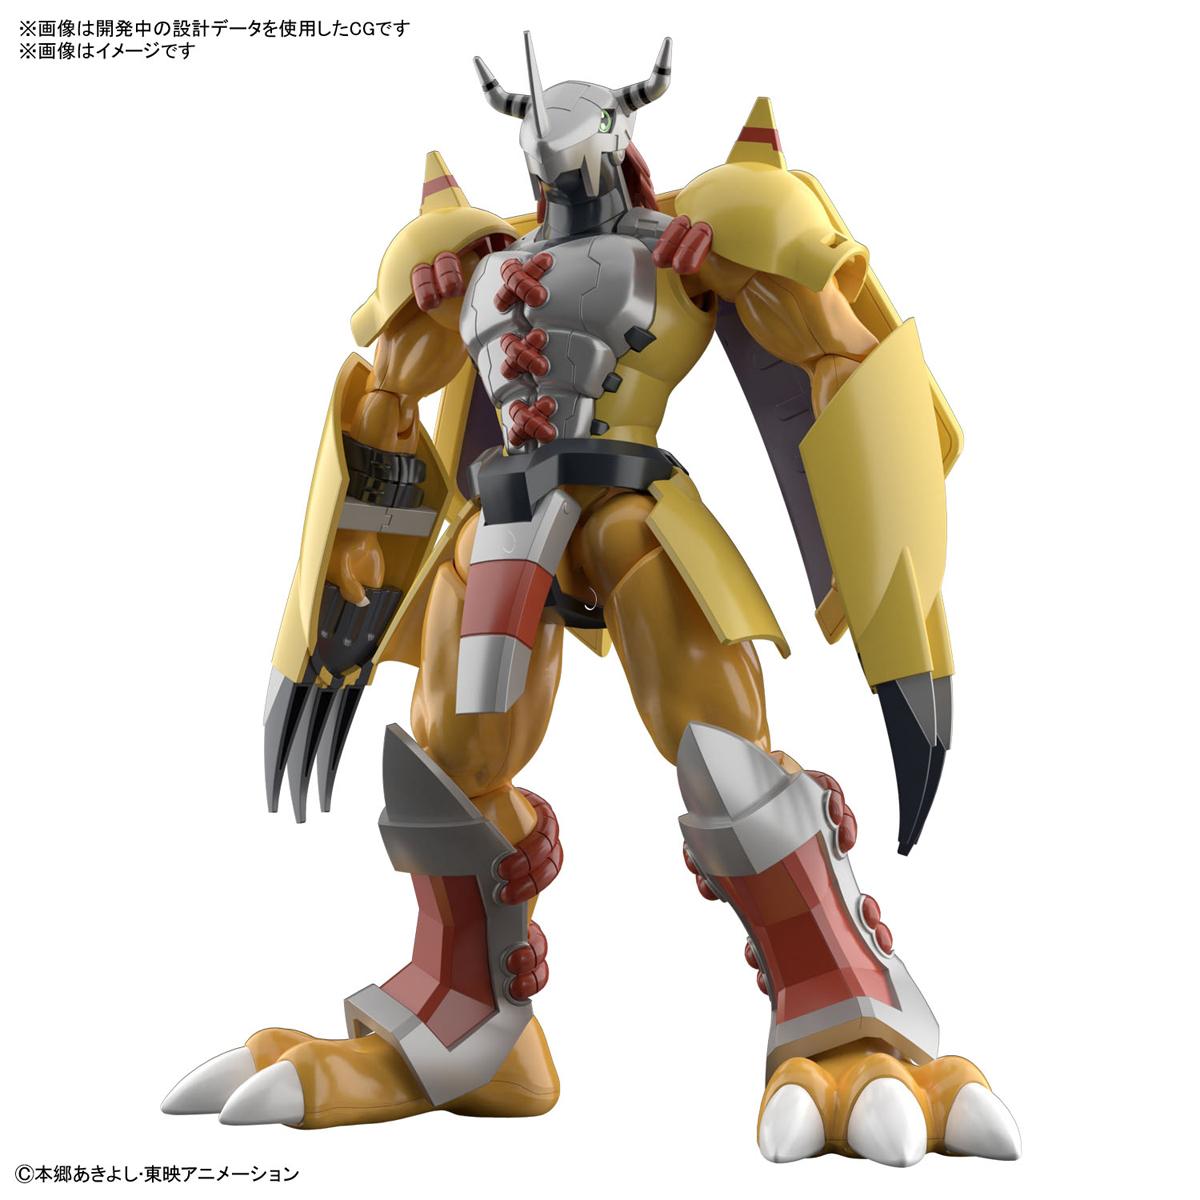 今回レビューする「Figure-rise Standard ウォーグレイモン」はTVアニメなどで見慣れた姿を忠実に再現